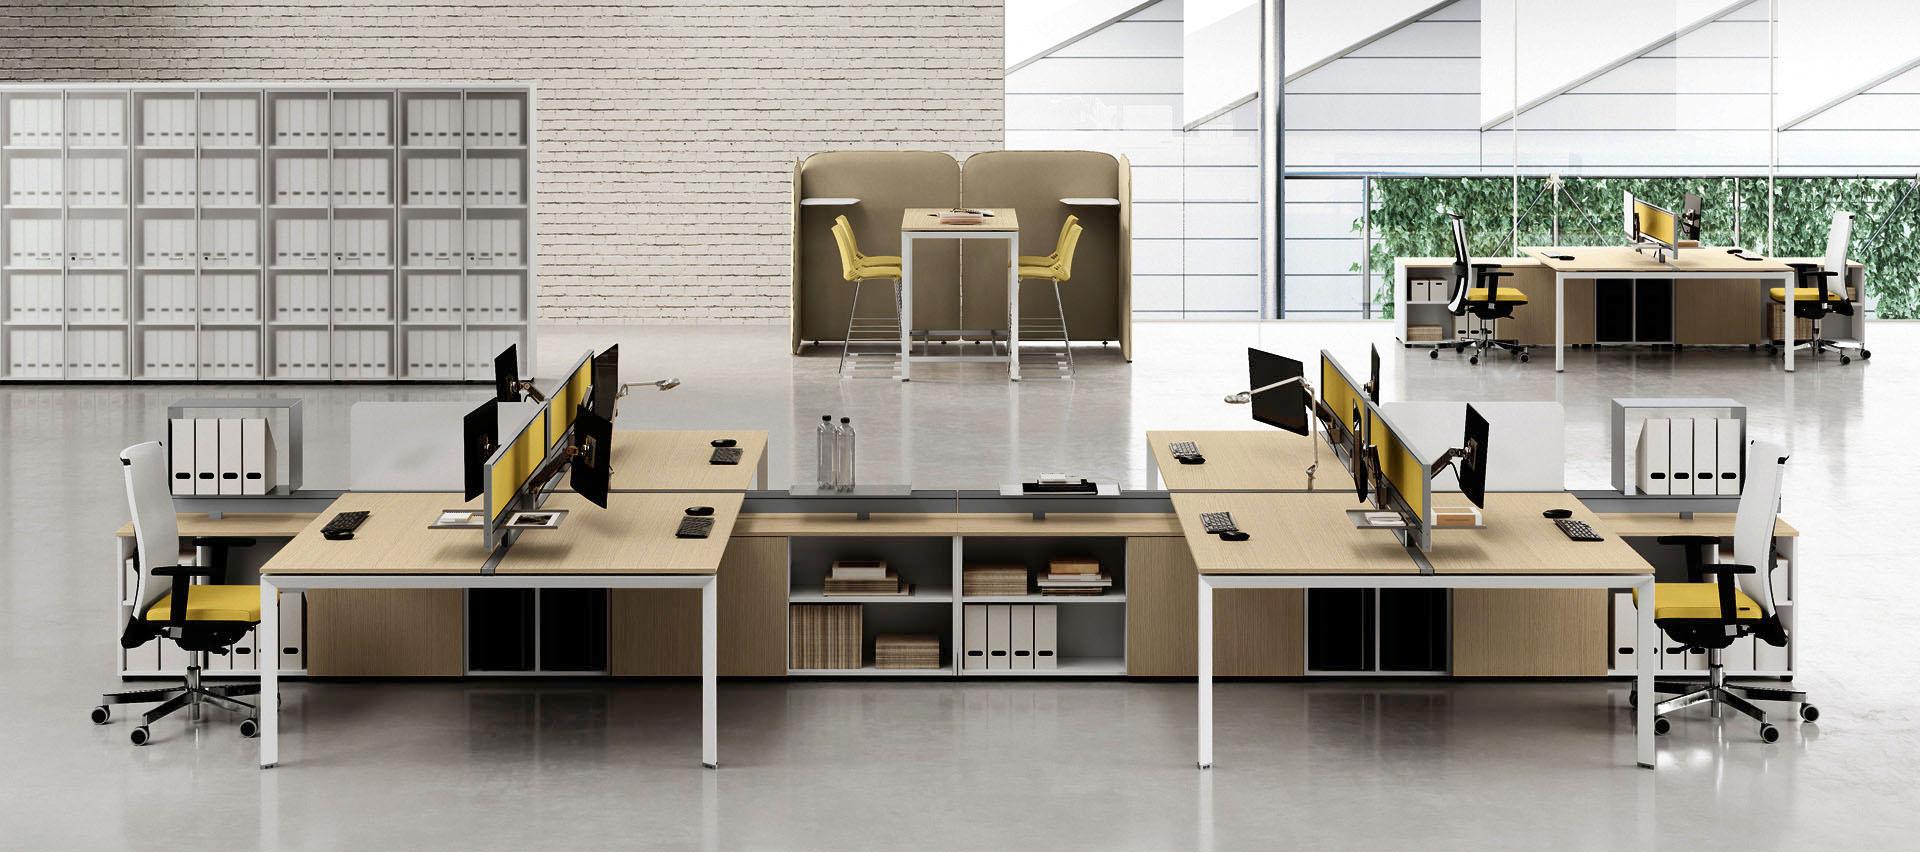 Interniufficio - Mobili per ufficio in provincia di Treviso